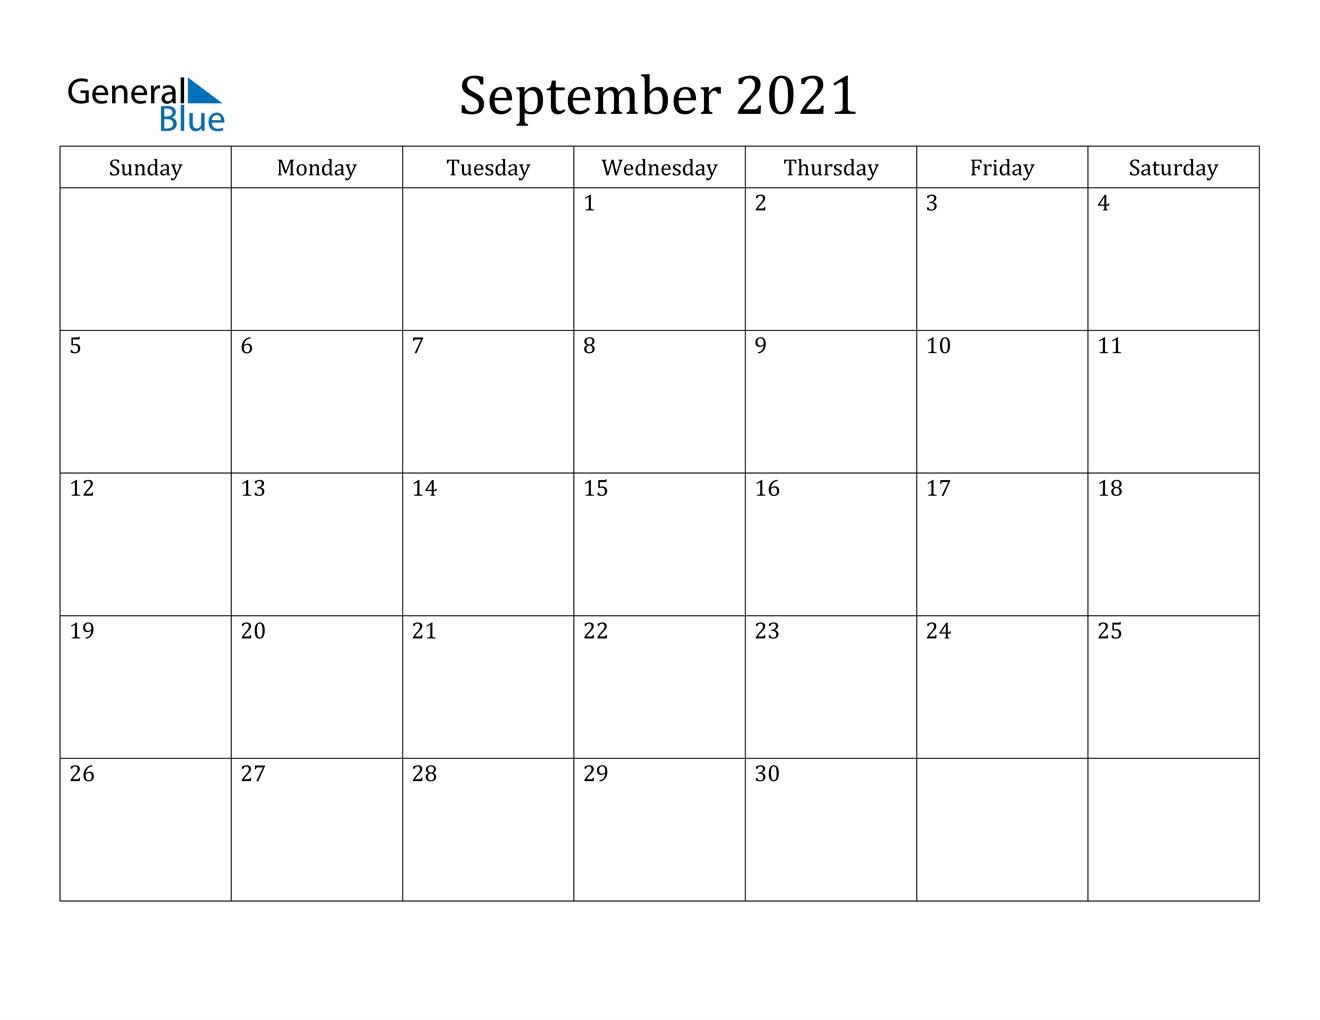 September 2021 Calendar - Pdf Word Excel inside Excel September 2021 Monthly Planner Template